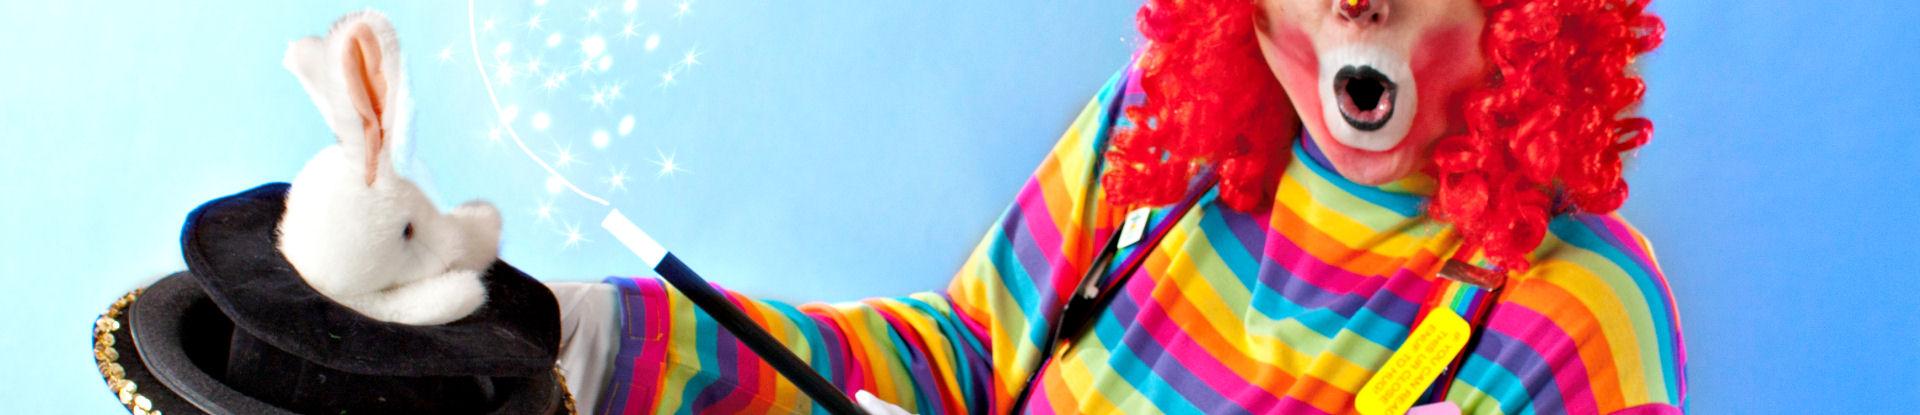 Clowning Around & Celebration Authority